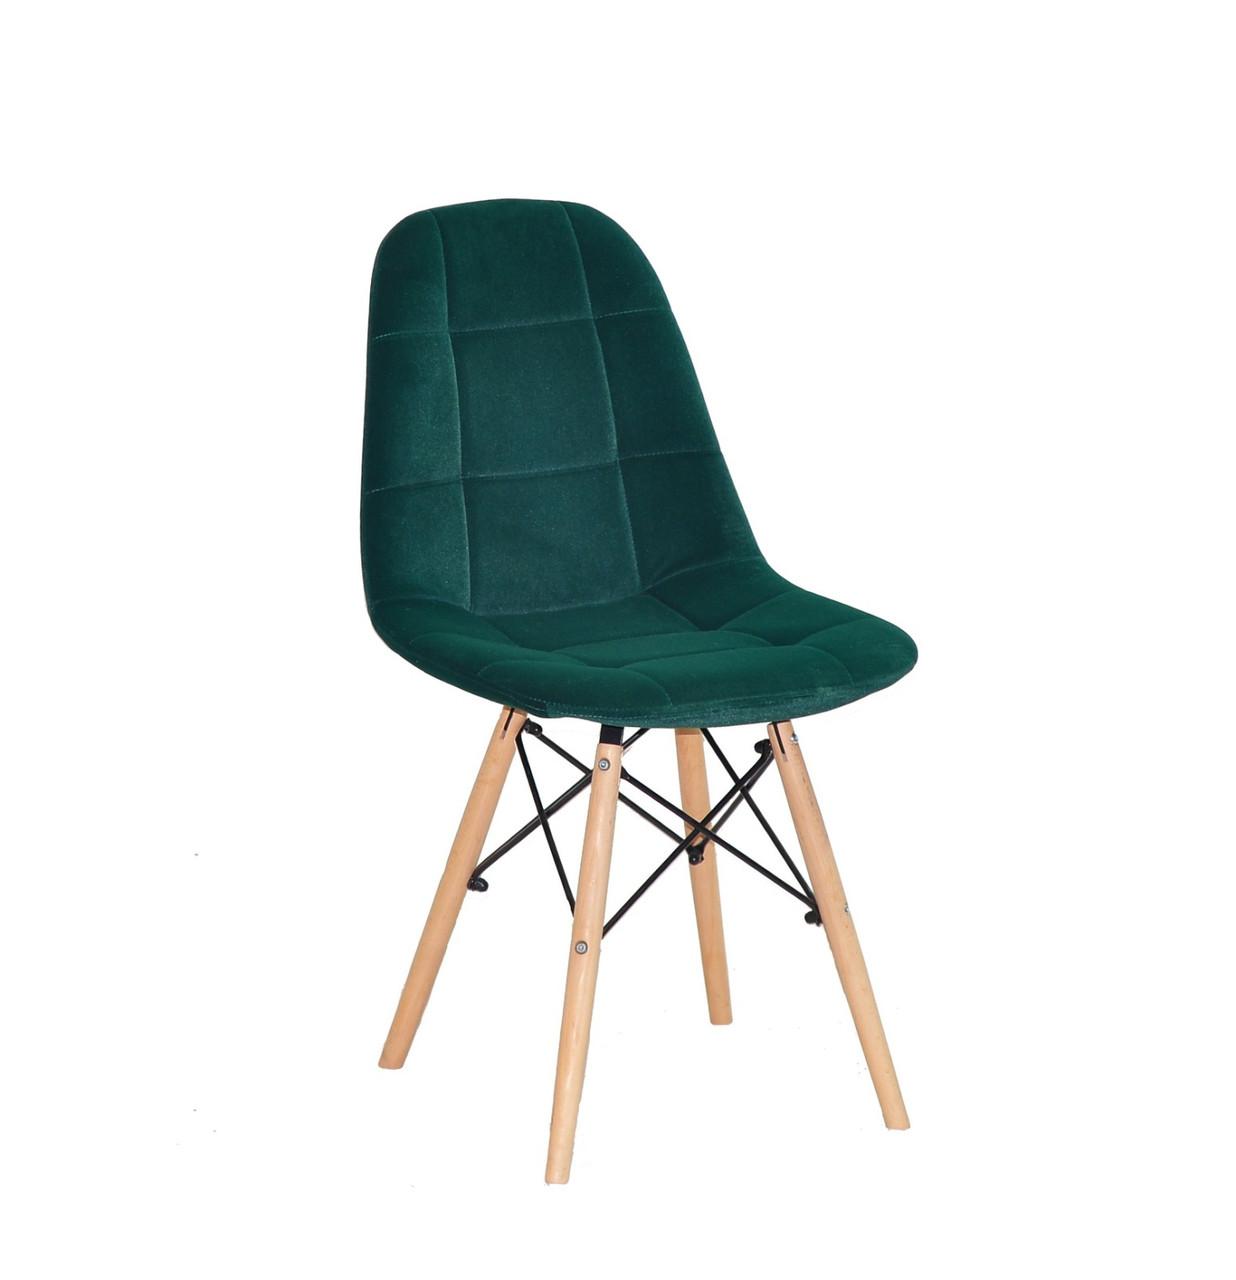 Cтул мягкий бархатный на деревянных ножках зеленый Peter для уютных гостиных, стильных кафе